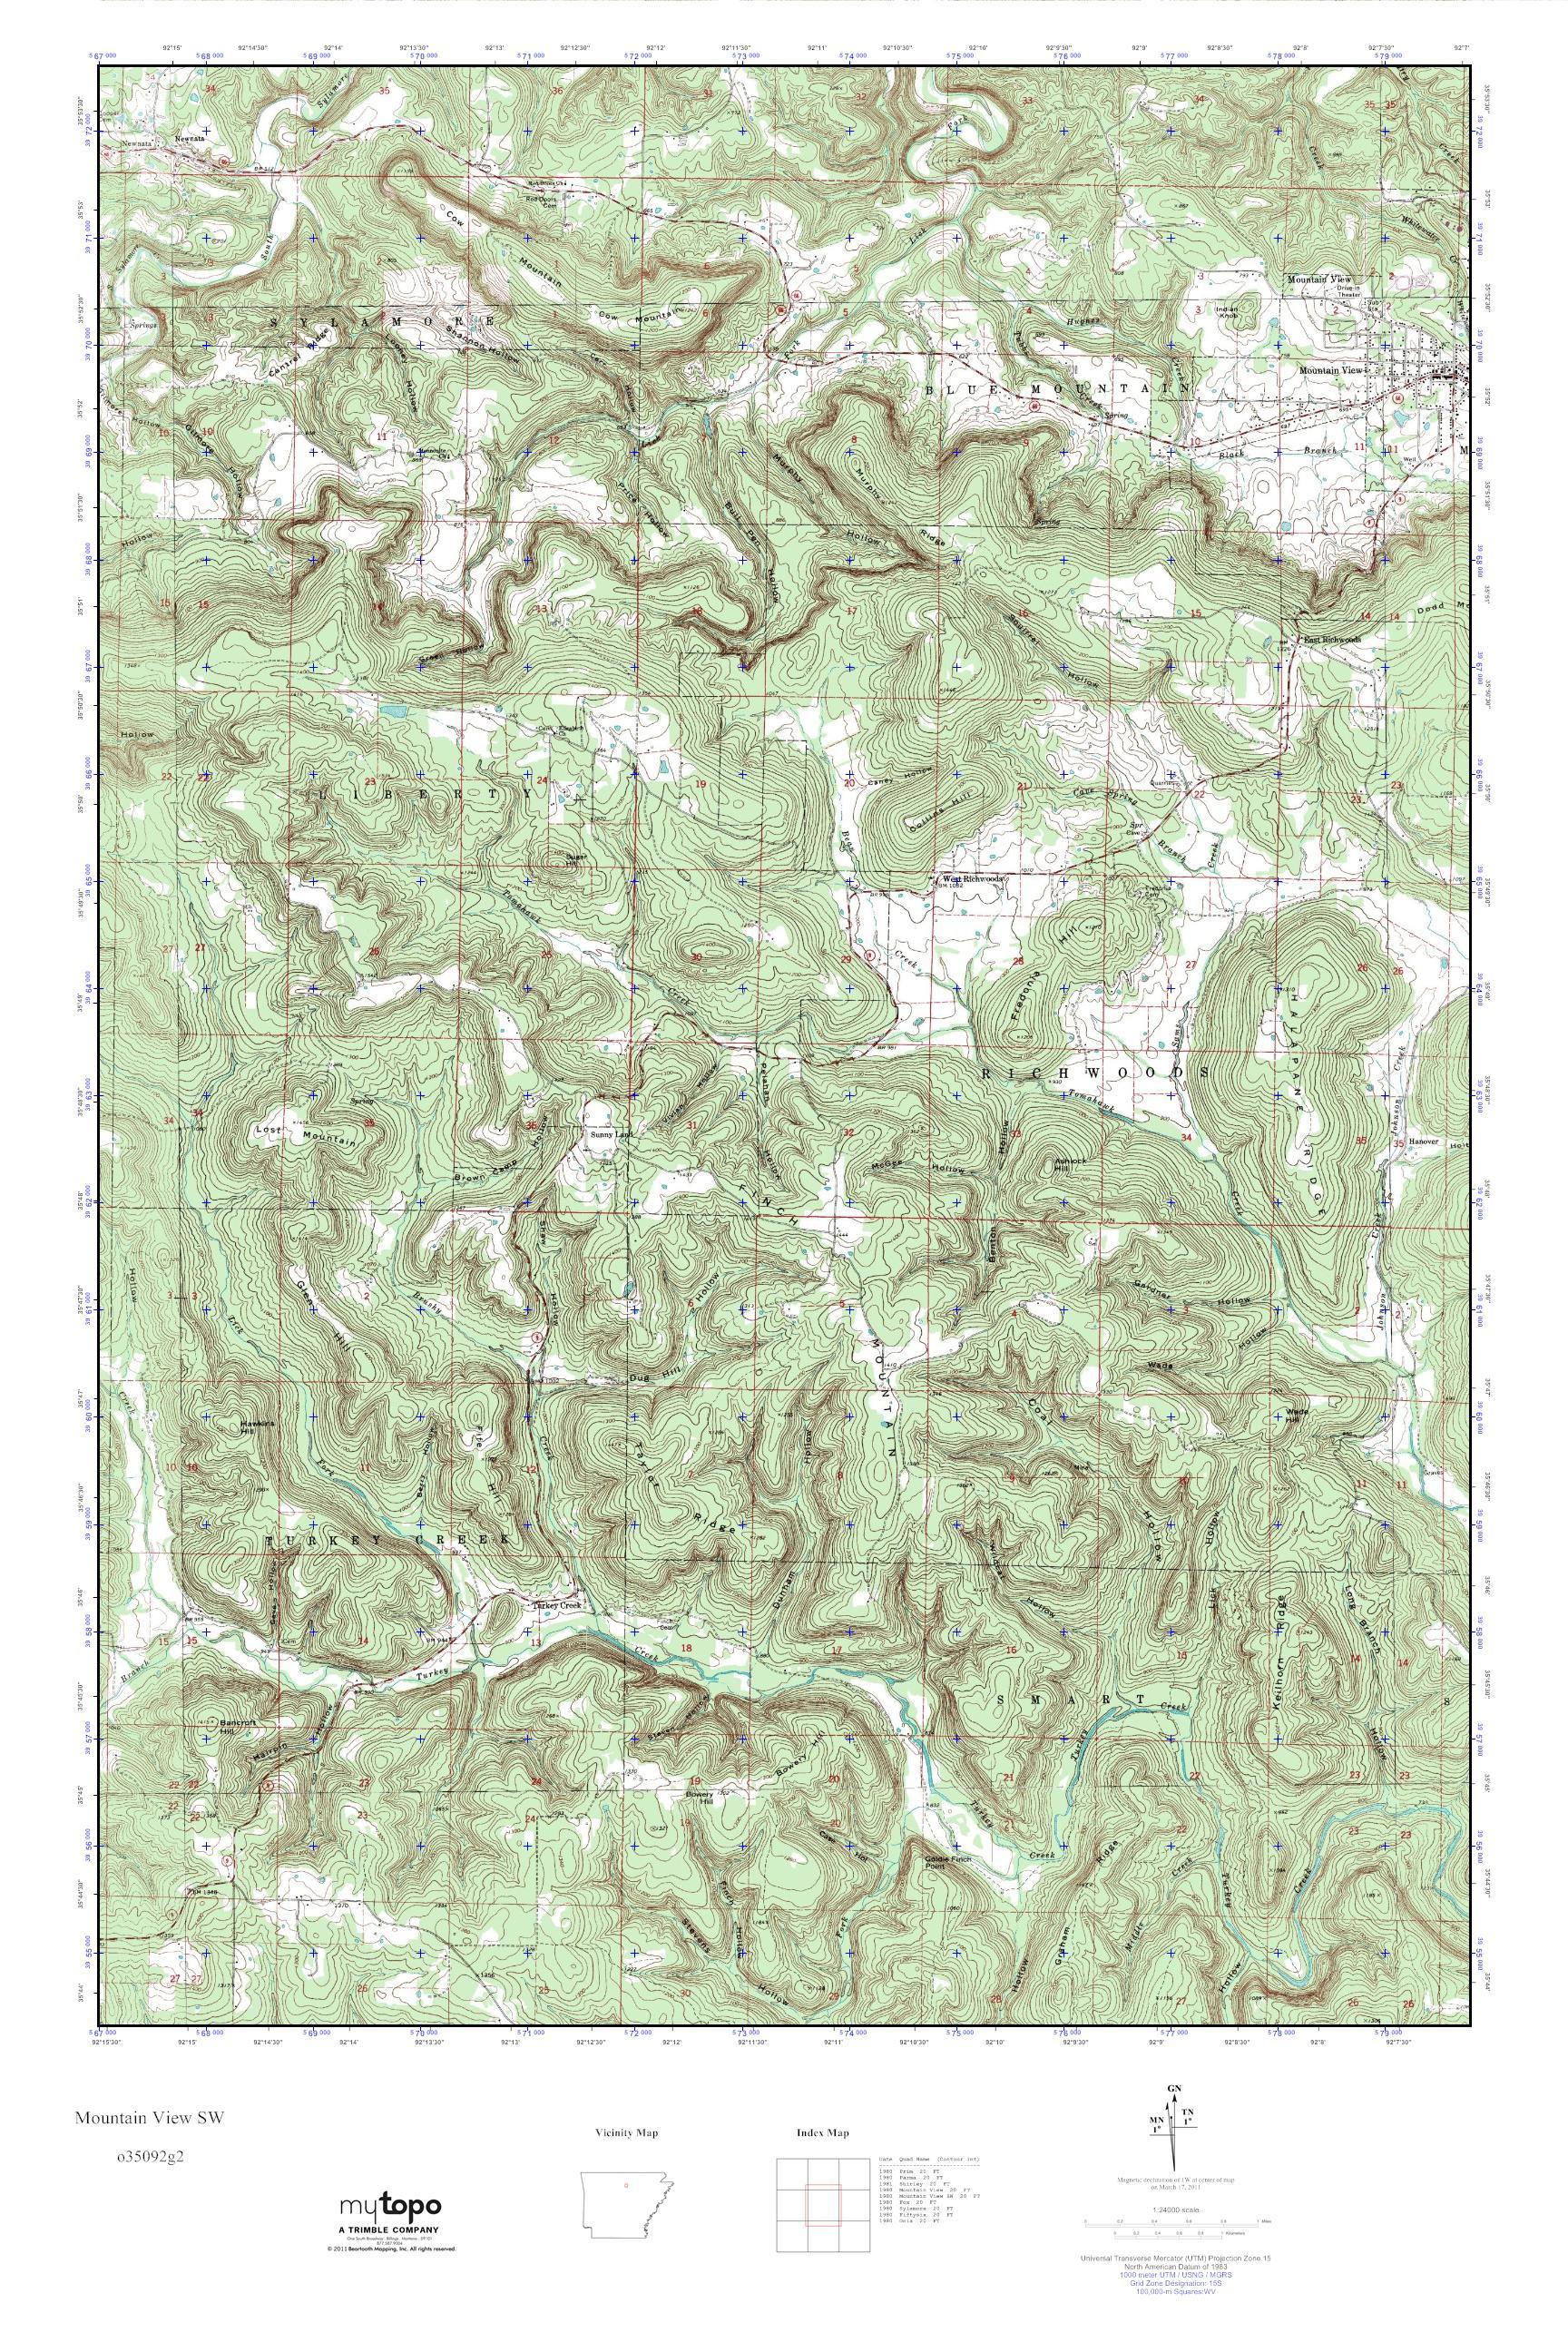 Mytopo Mountain View Sw Arkansas Usgs Quad Topo Map